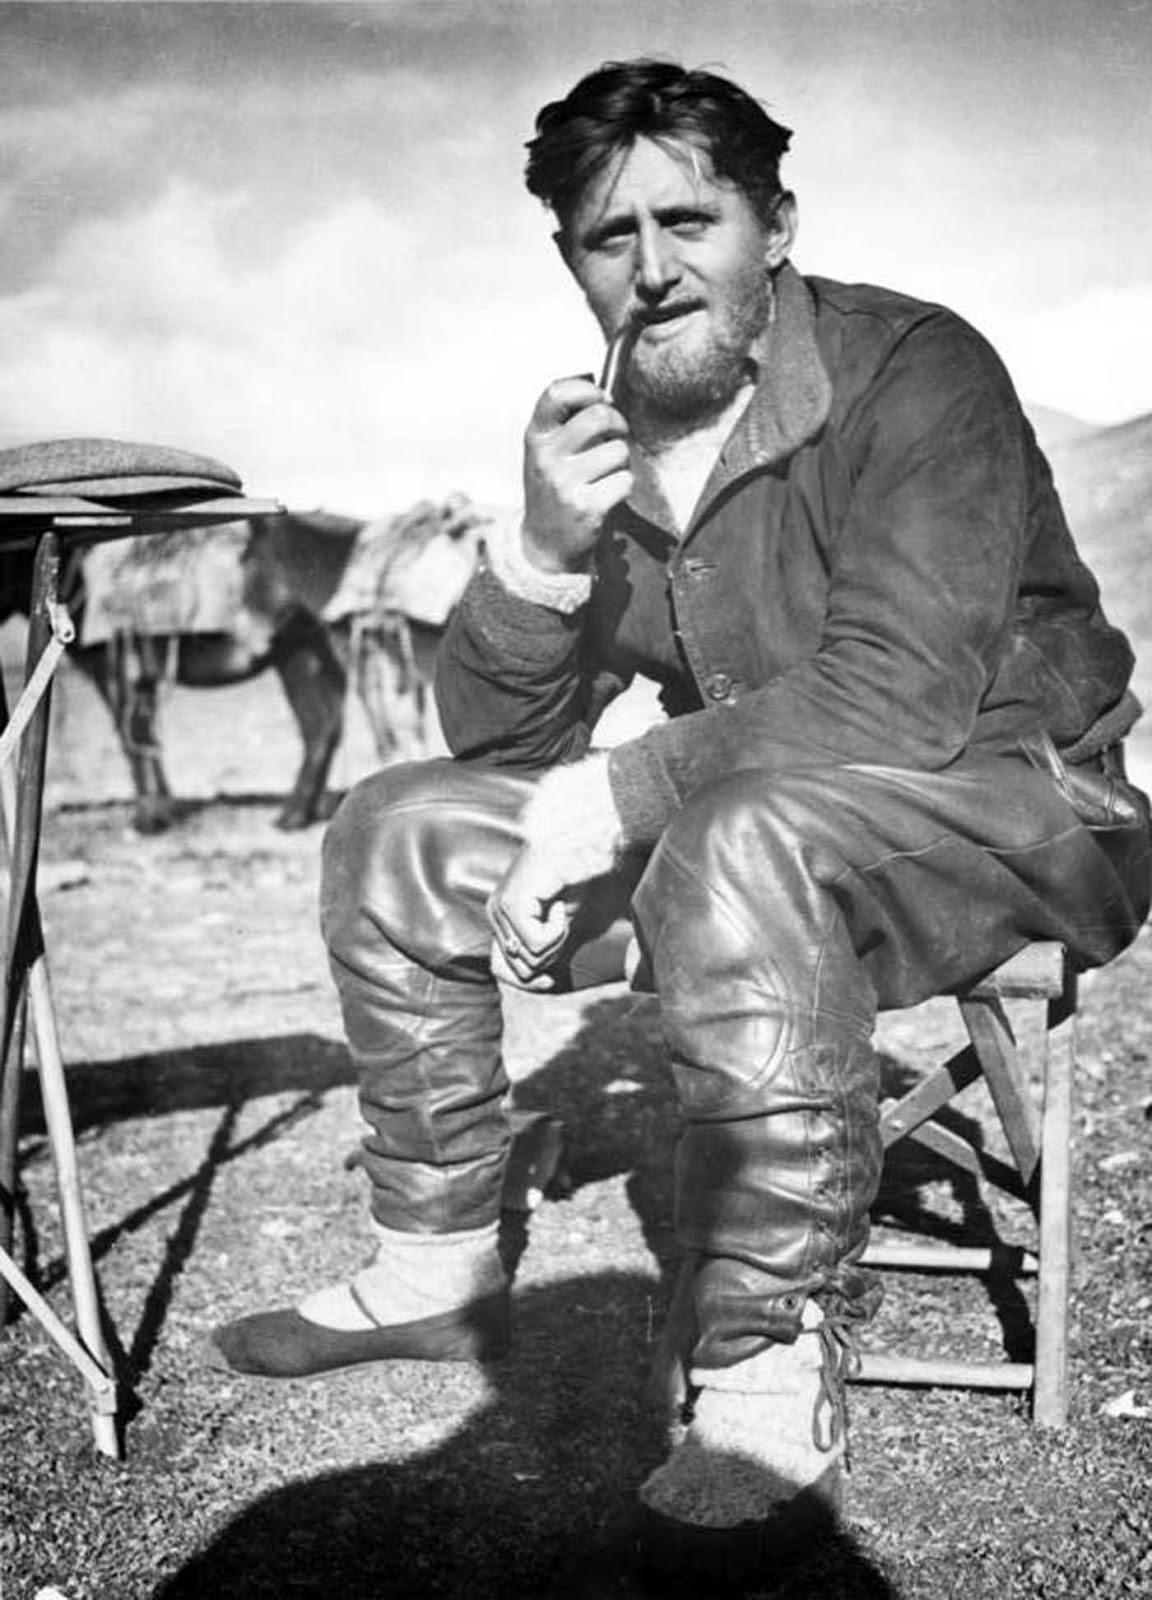 Edmund Geer in Tibet, 1938.